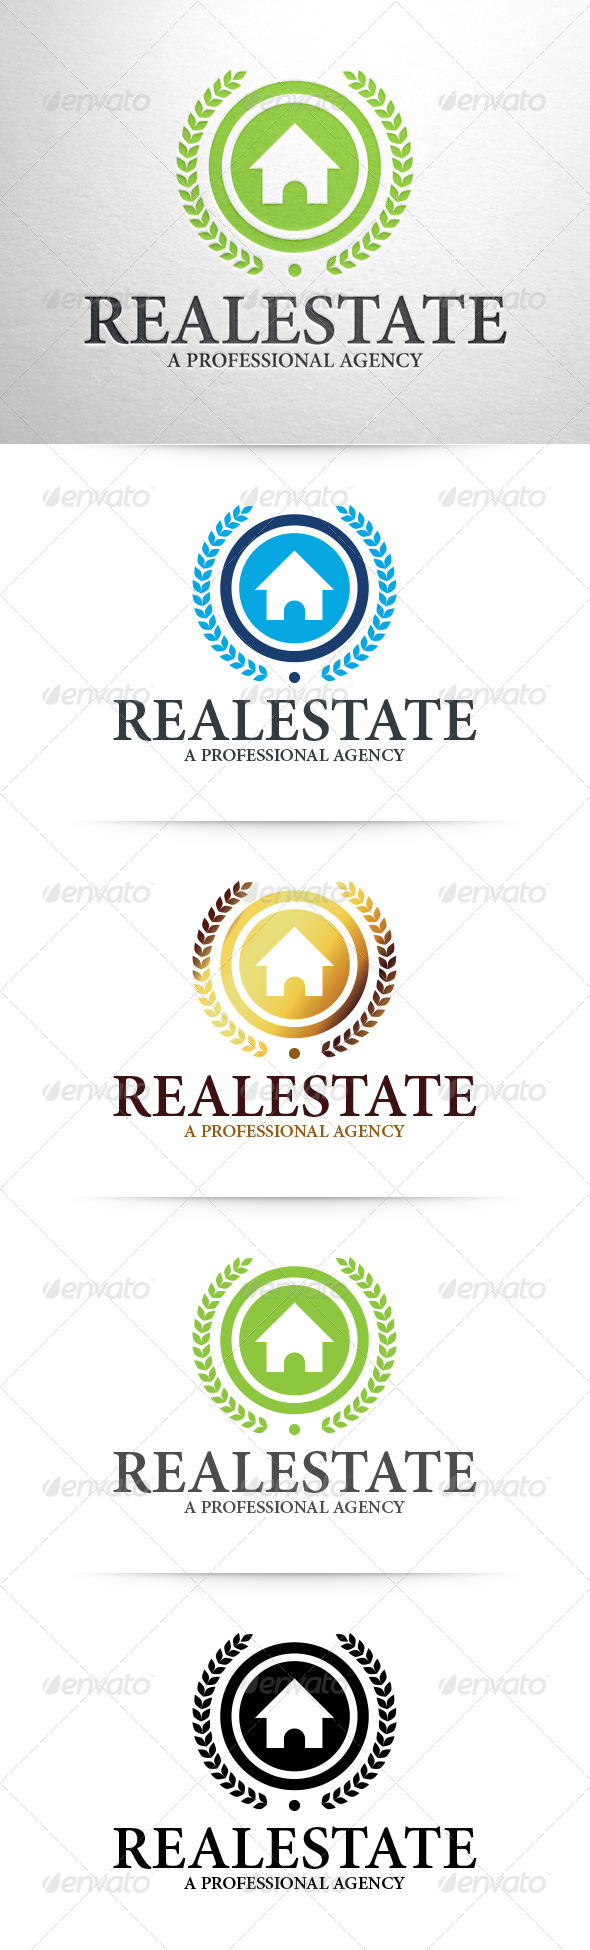 GraphicRiver Real Estate Logo Template 7506602